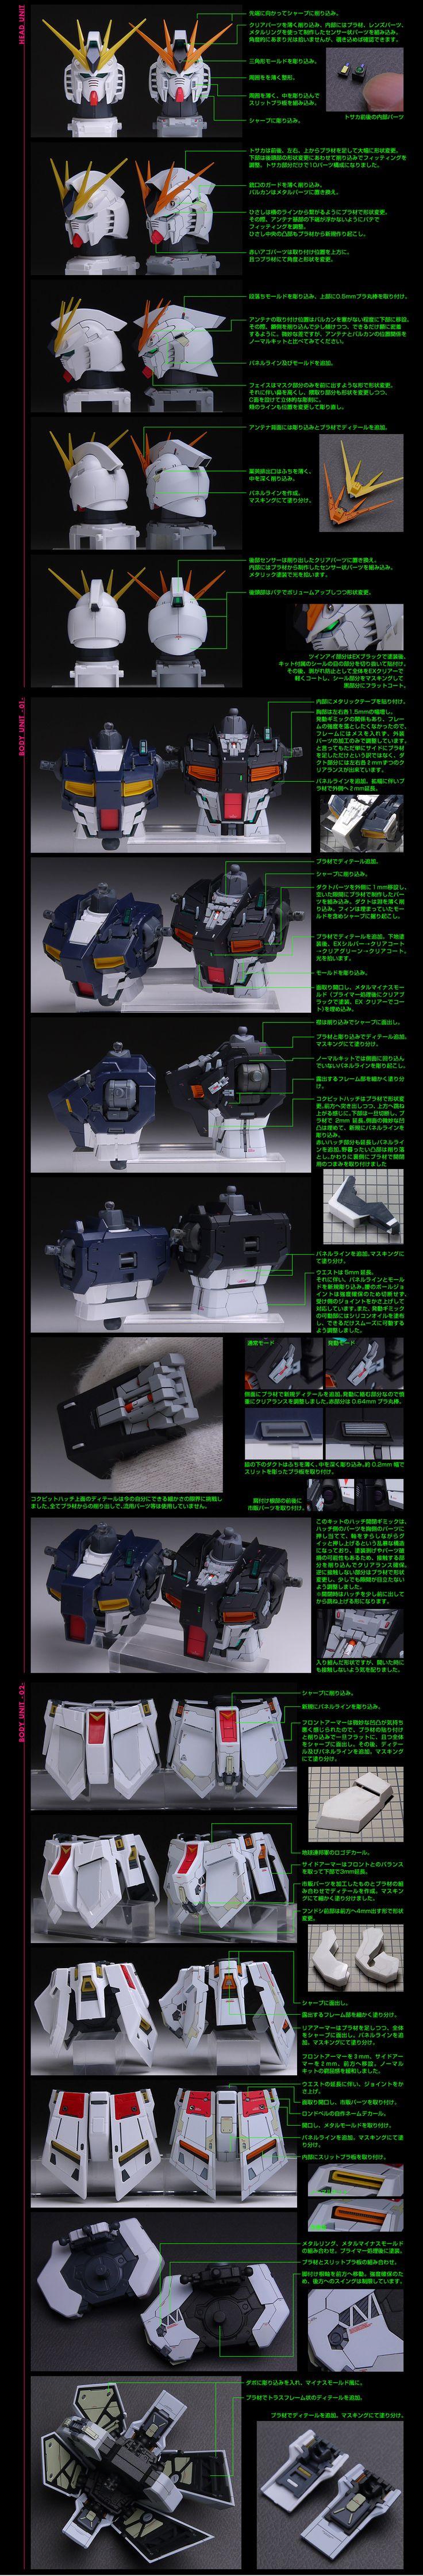 【ガンダム】ヤフオクに出品されてる「MG RX-93 νガンダム Ver.Ka 改修塗装済完成品」が凄すぎてやばい! 説明画像を見てるだけでwkwkしてくるぜ・・・  - やらおん!